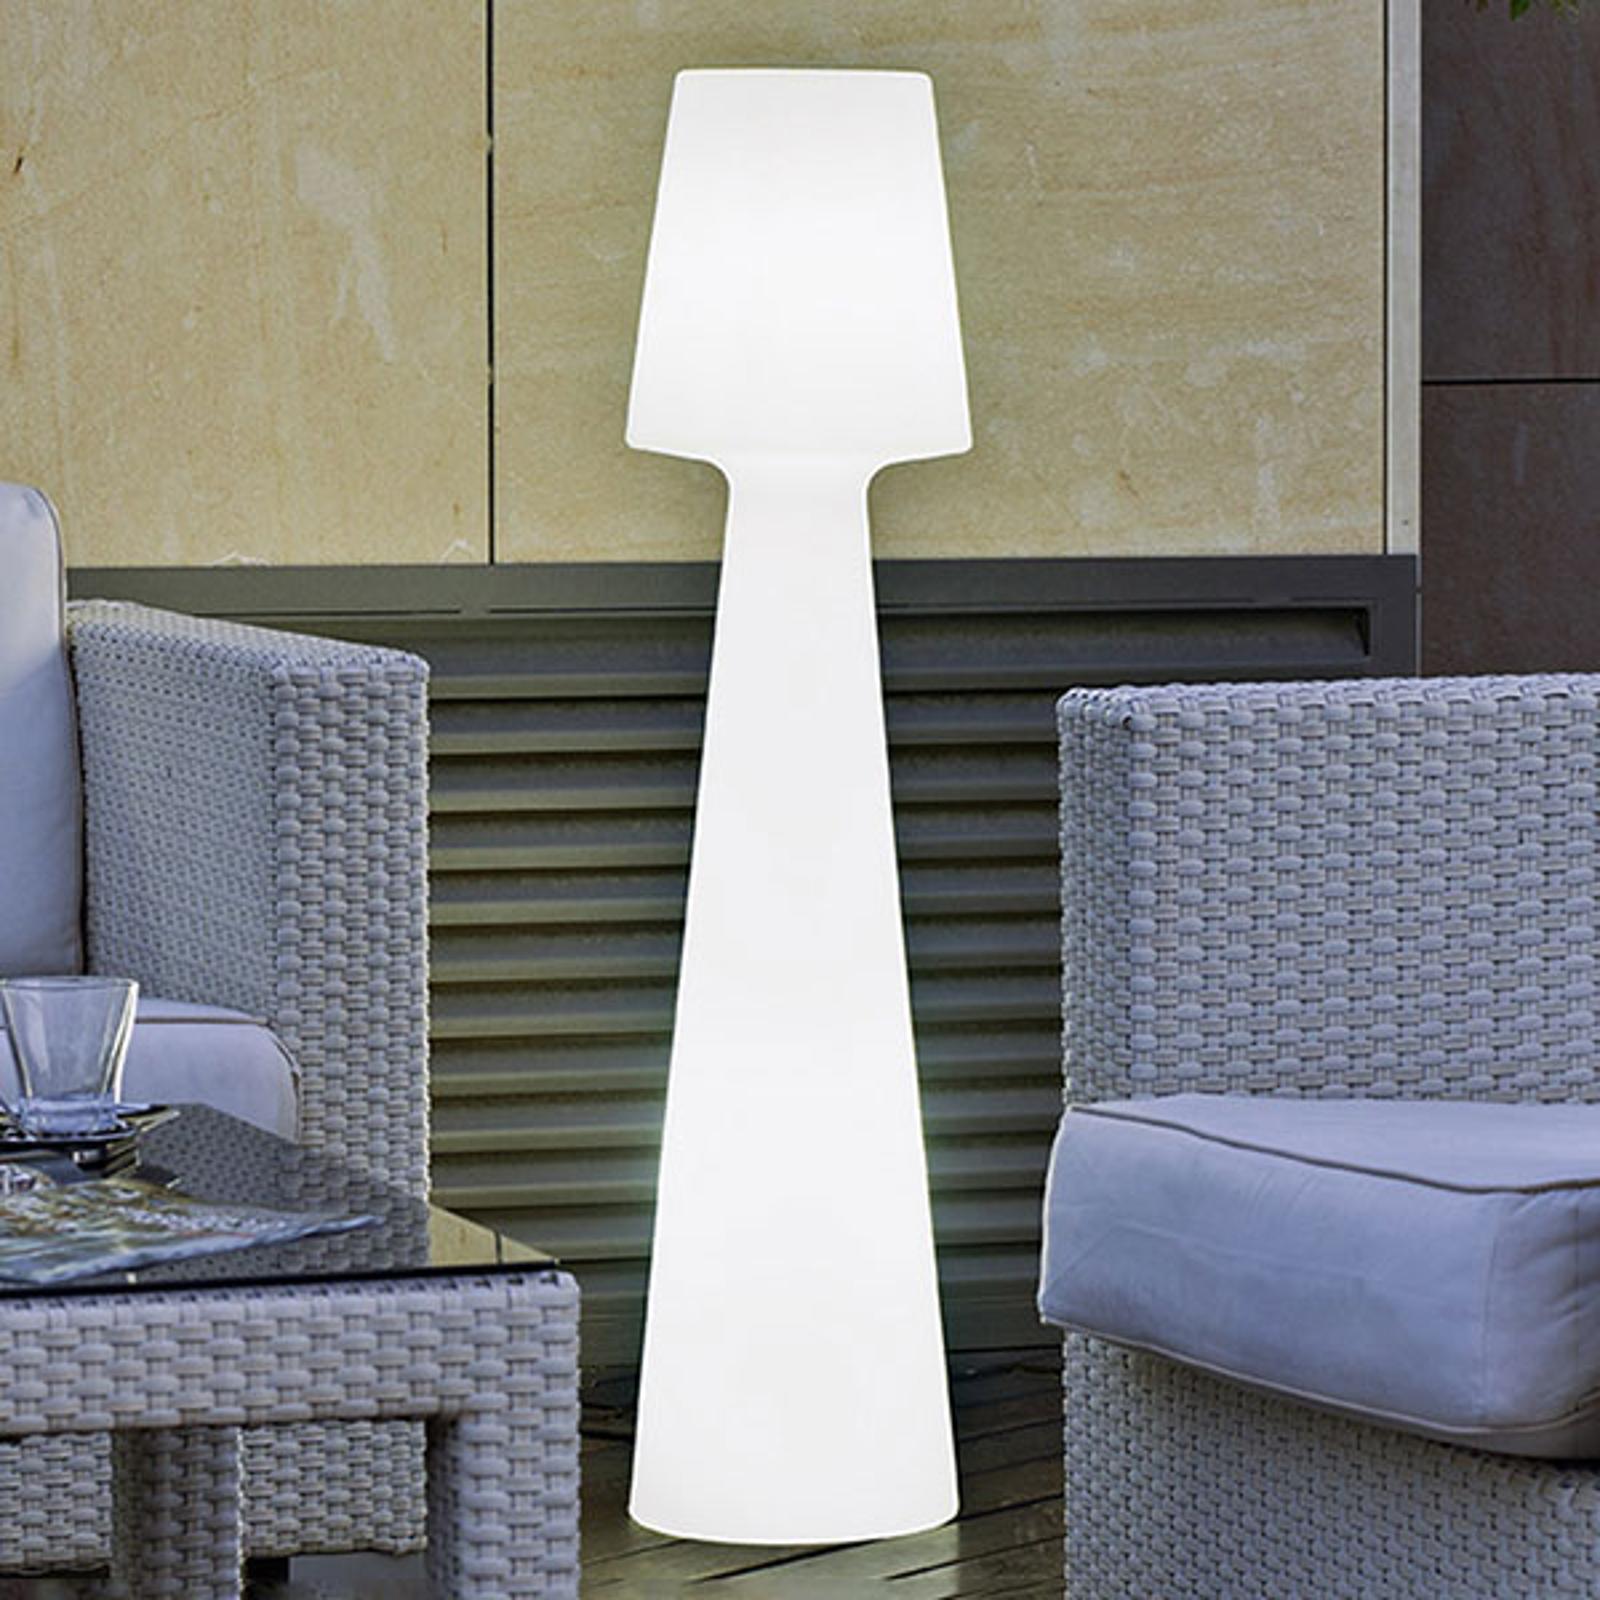 Newgarden Lola gulvlampe, højde 110 cm, varmhvid